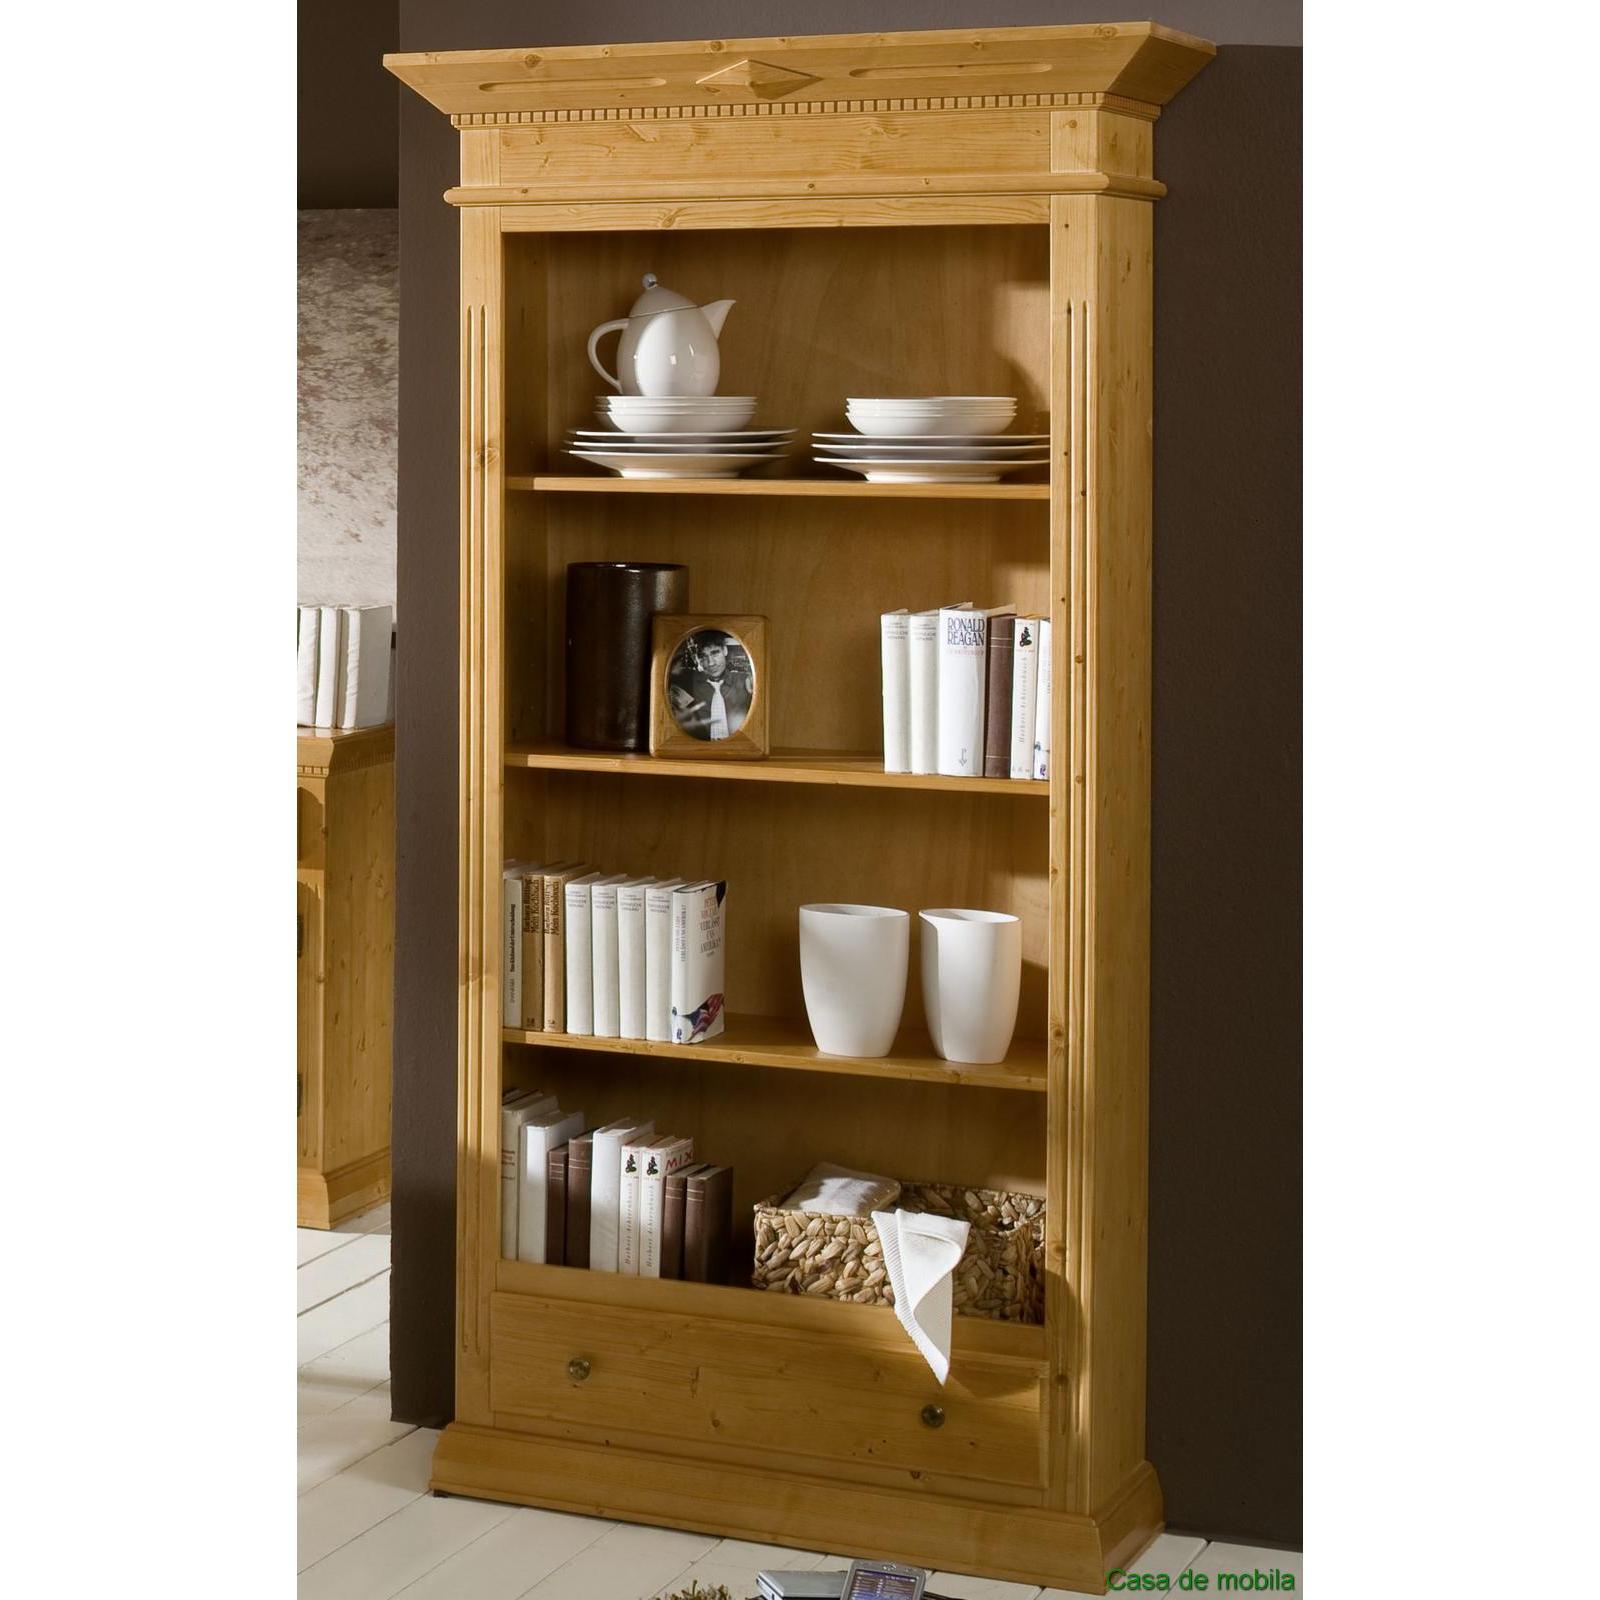 m bel landhaus r mischer antik stil artownit for. Black Bedroom Furniture Sets. Home Design Ideas